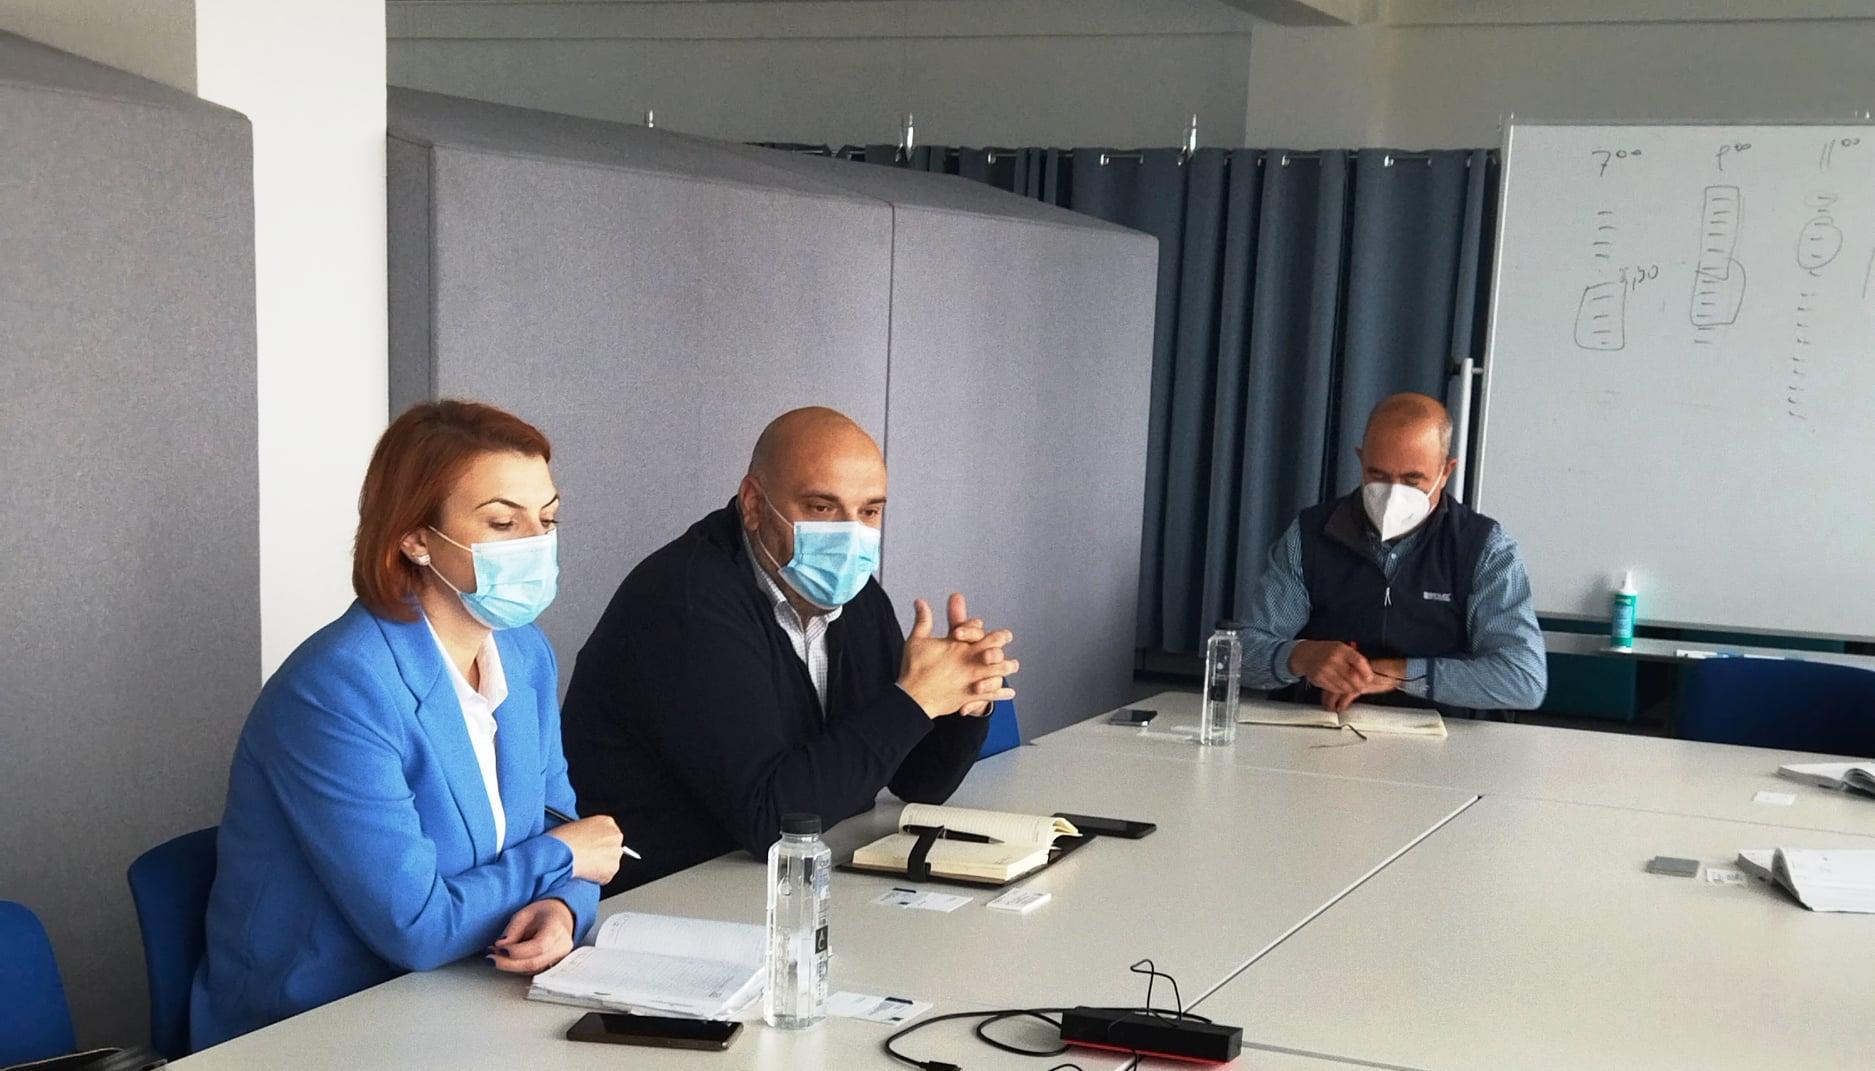 Deputatul PNL Alexandru Andrei împreună cu vicepreşedintele CJ Giurgiu, Elisabeta Mihalcea au participat la o întâlnire cu reprezentanţii unor societăţi comerciale unde au fost discutate problemele cu care aceştia se confruntă